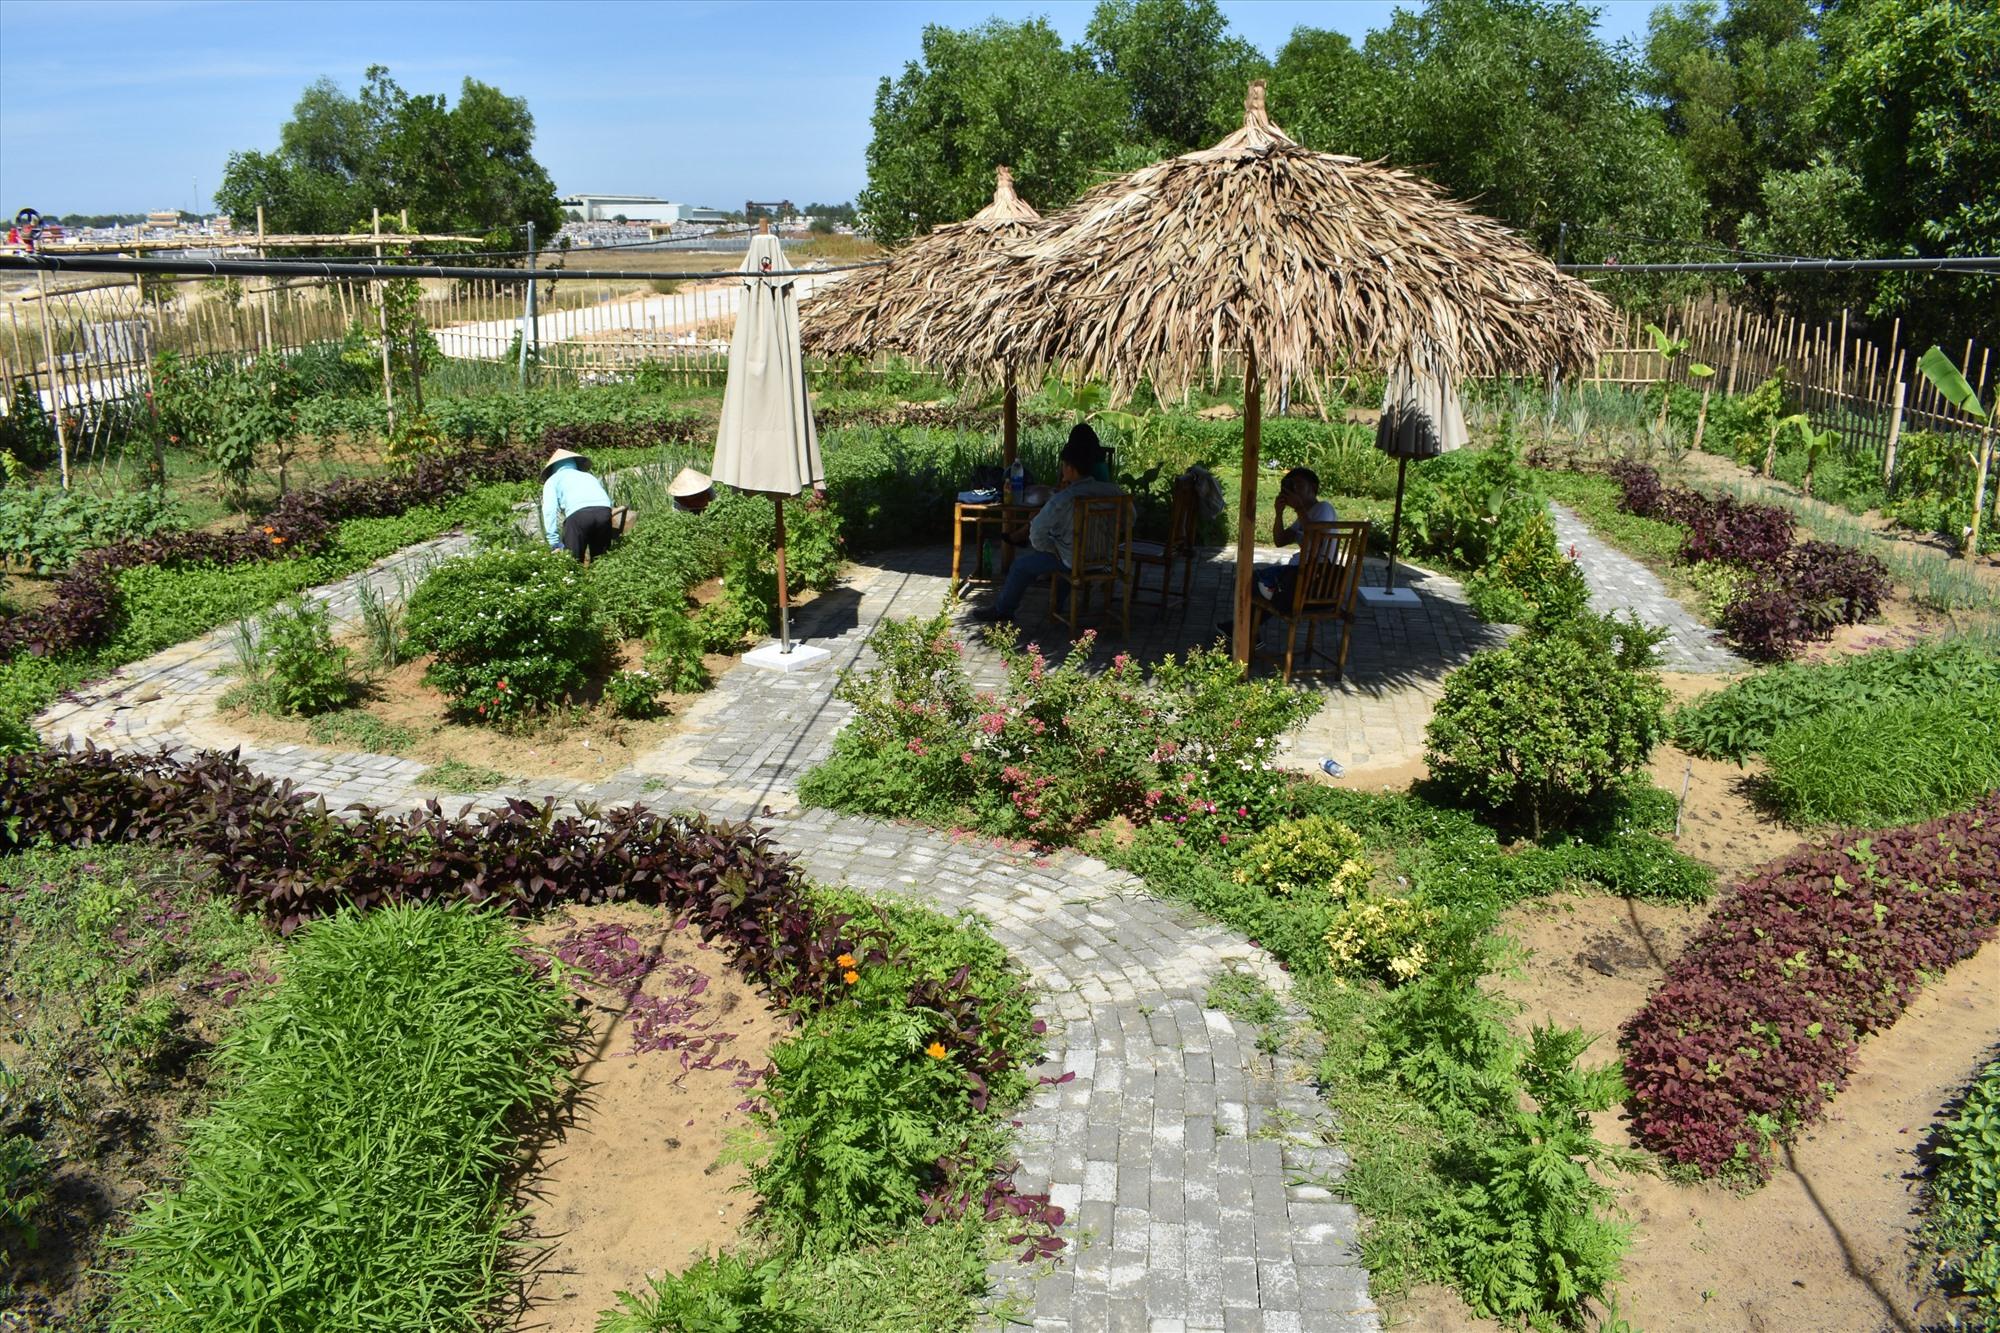 Tháng 7 này khu vườn sinh thái sẽ mở cửa đón các em học sinh khuyết tật. Ảnh: H.PHƯƠNG